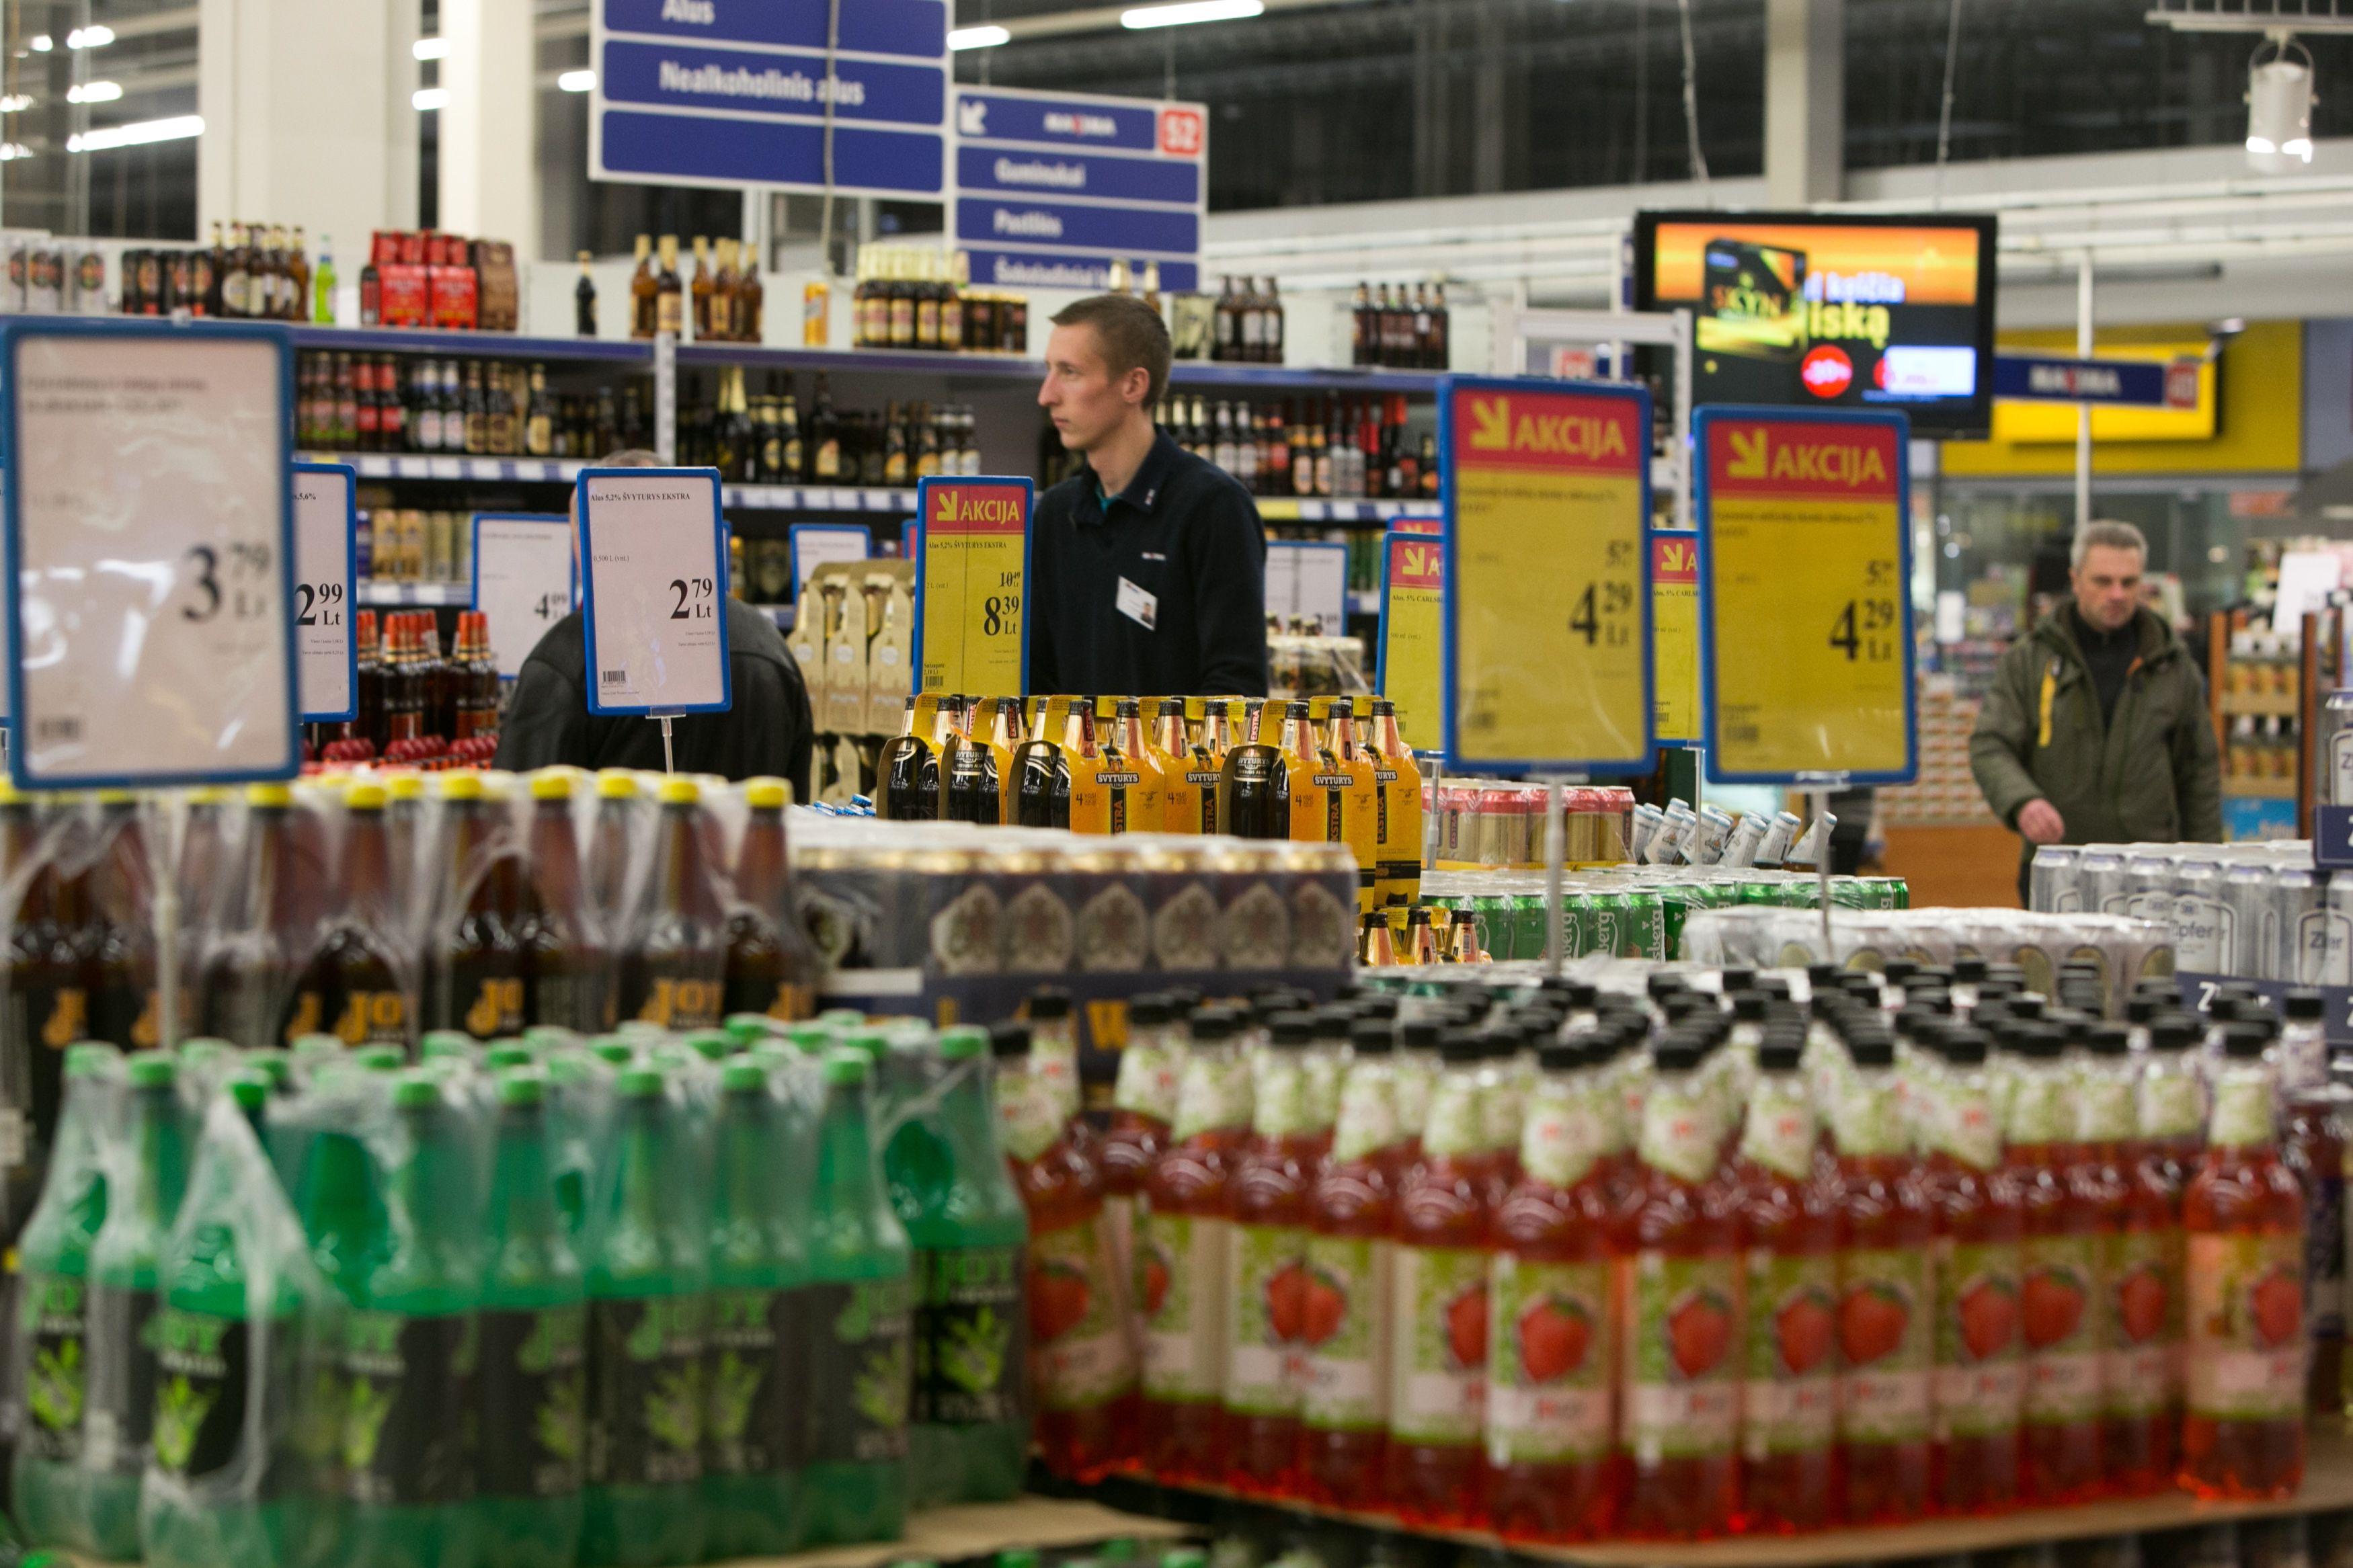 Alkoholio akcij� draudimas � nuo lapkri�io: kam nauda, kam nuostoliai